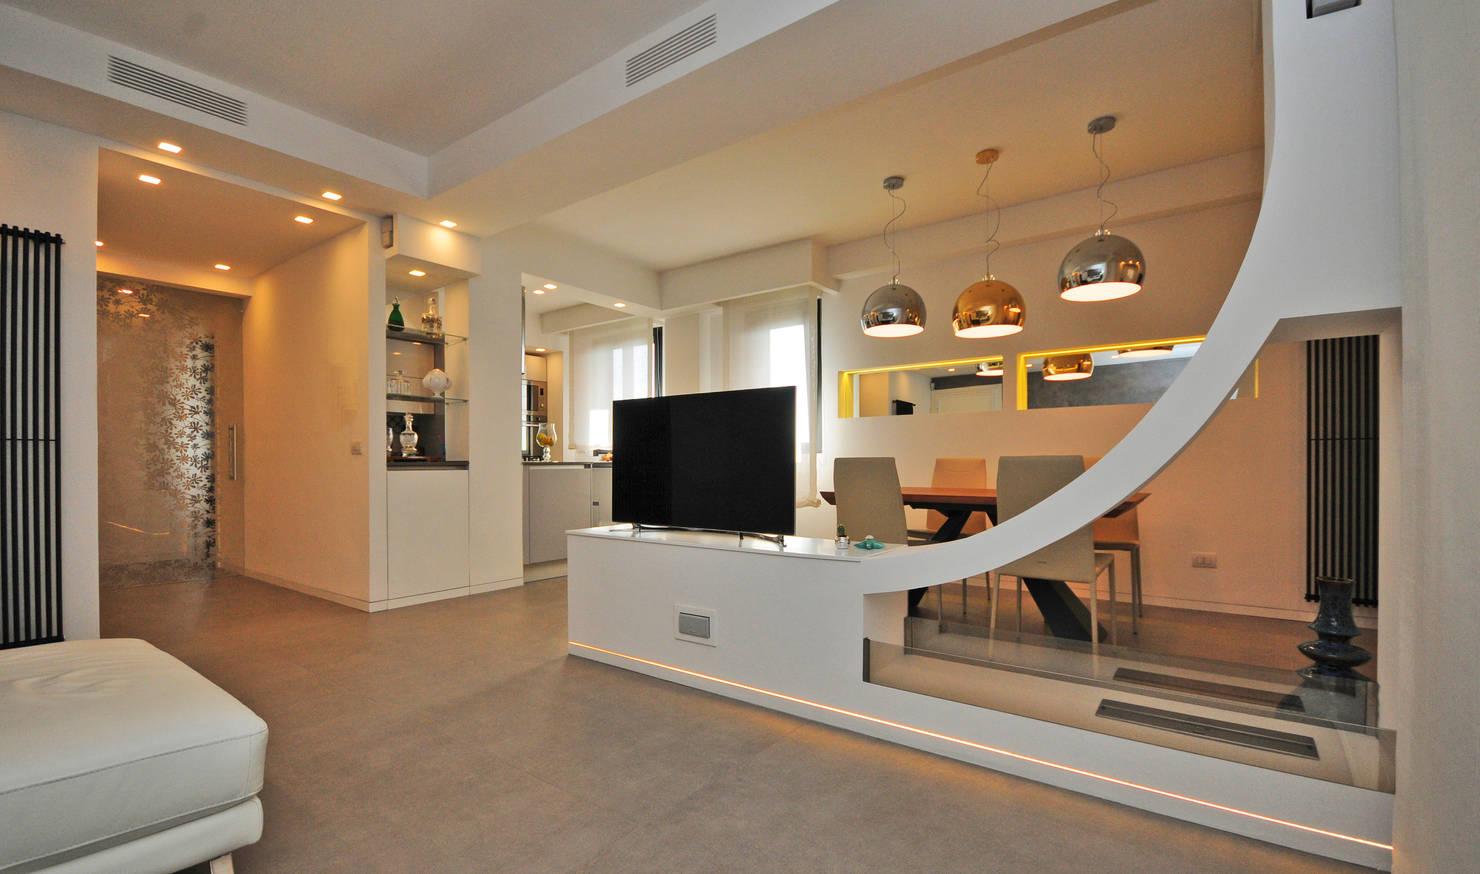 Потрясающий дизайн итальянской квартиры площадью 100 м2